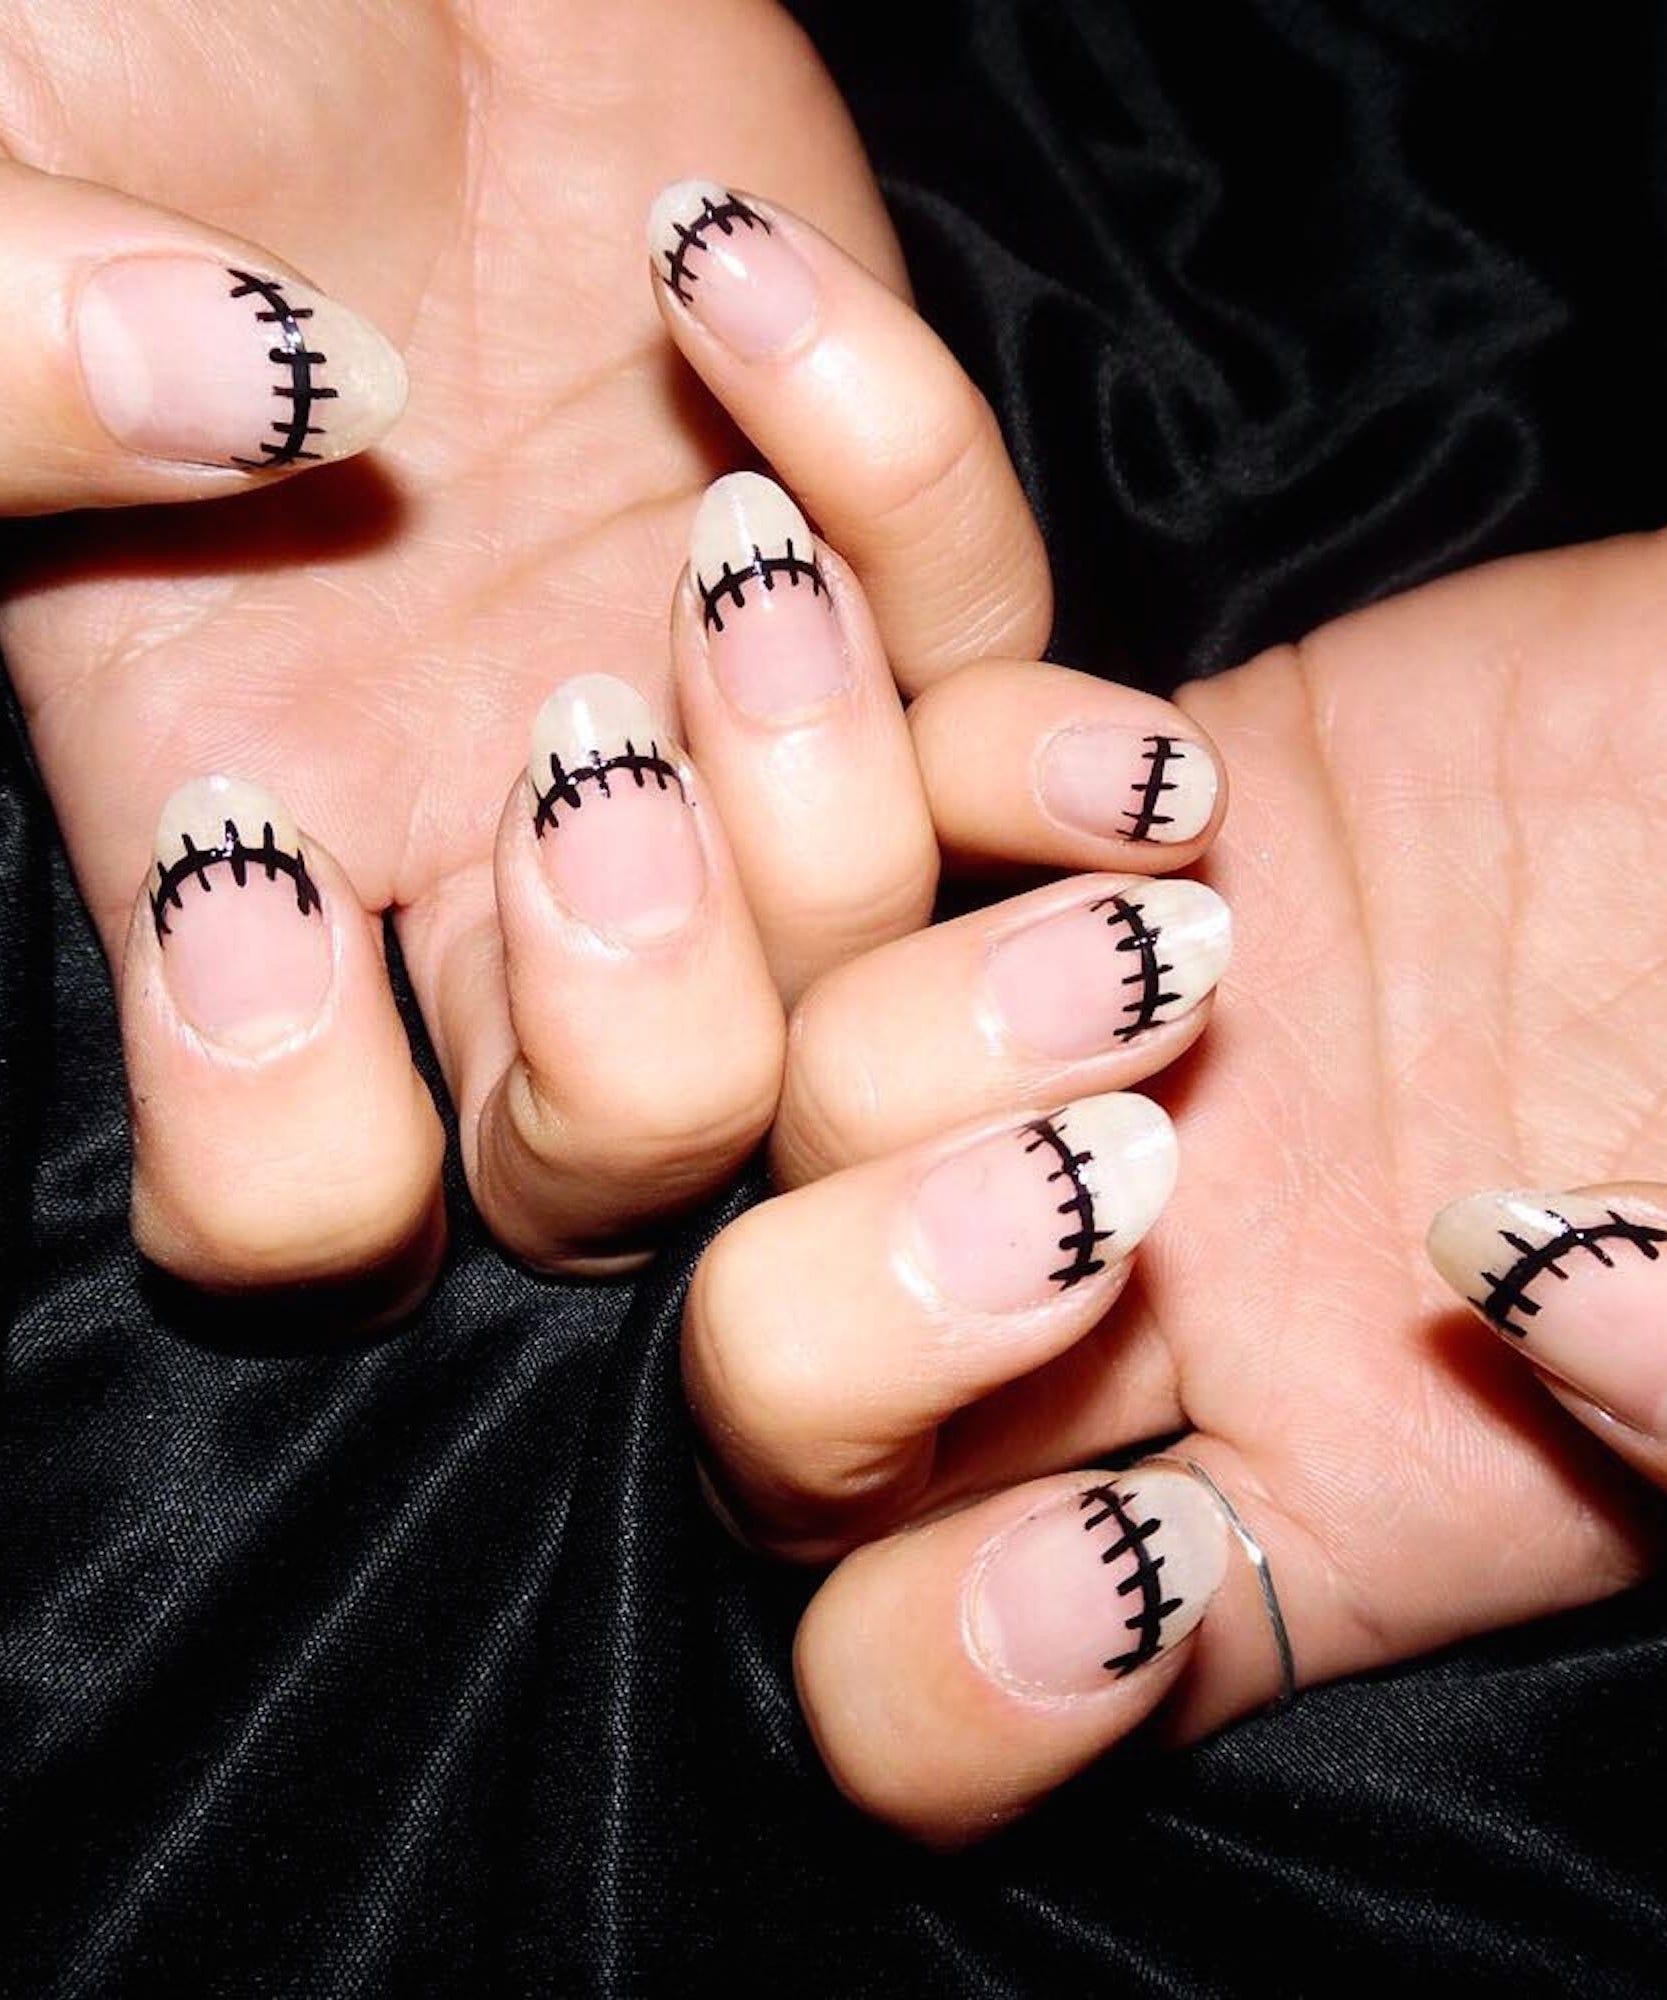 Vor- und Nachteile von Gel- oder Shellac-Nägeln